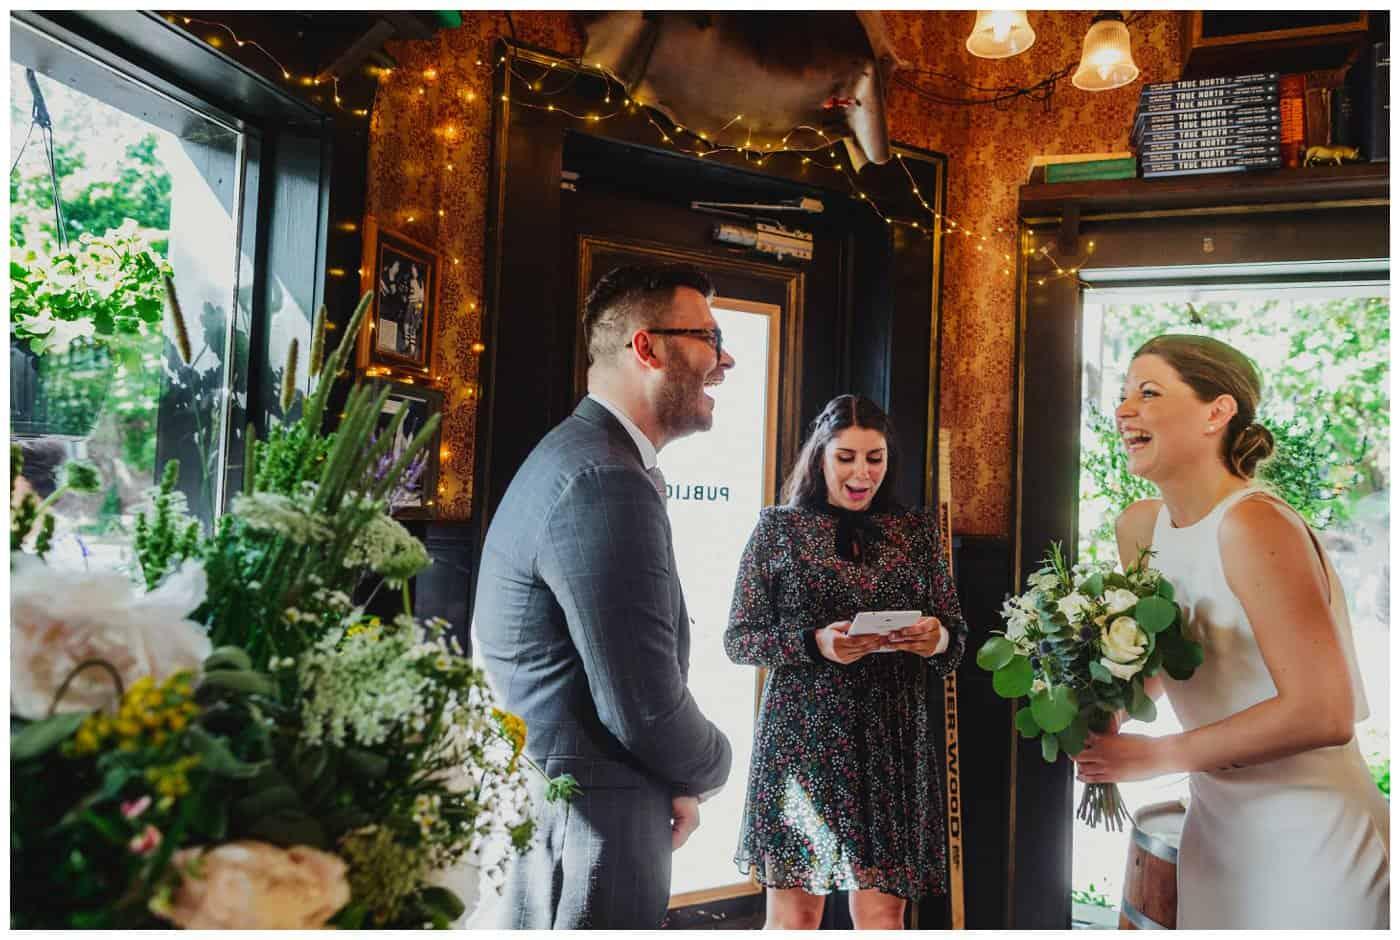 maison publique montreal weddings